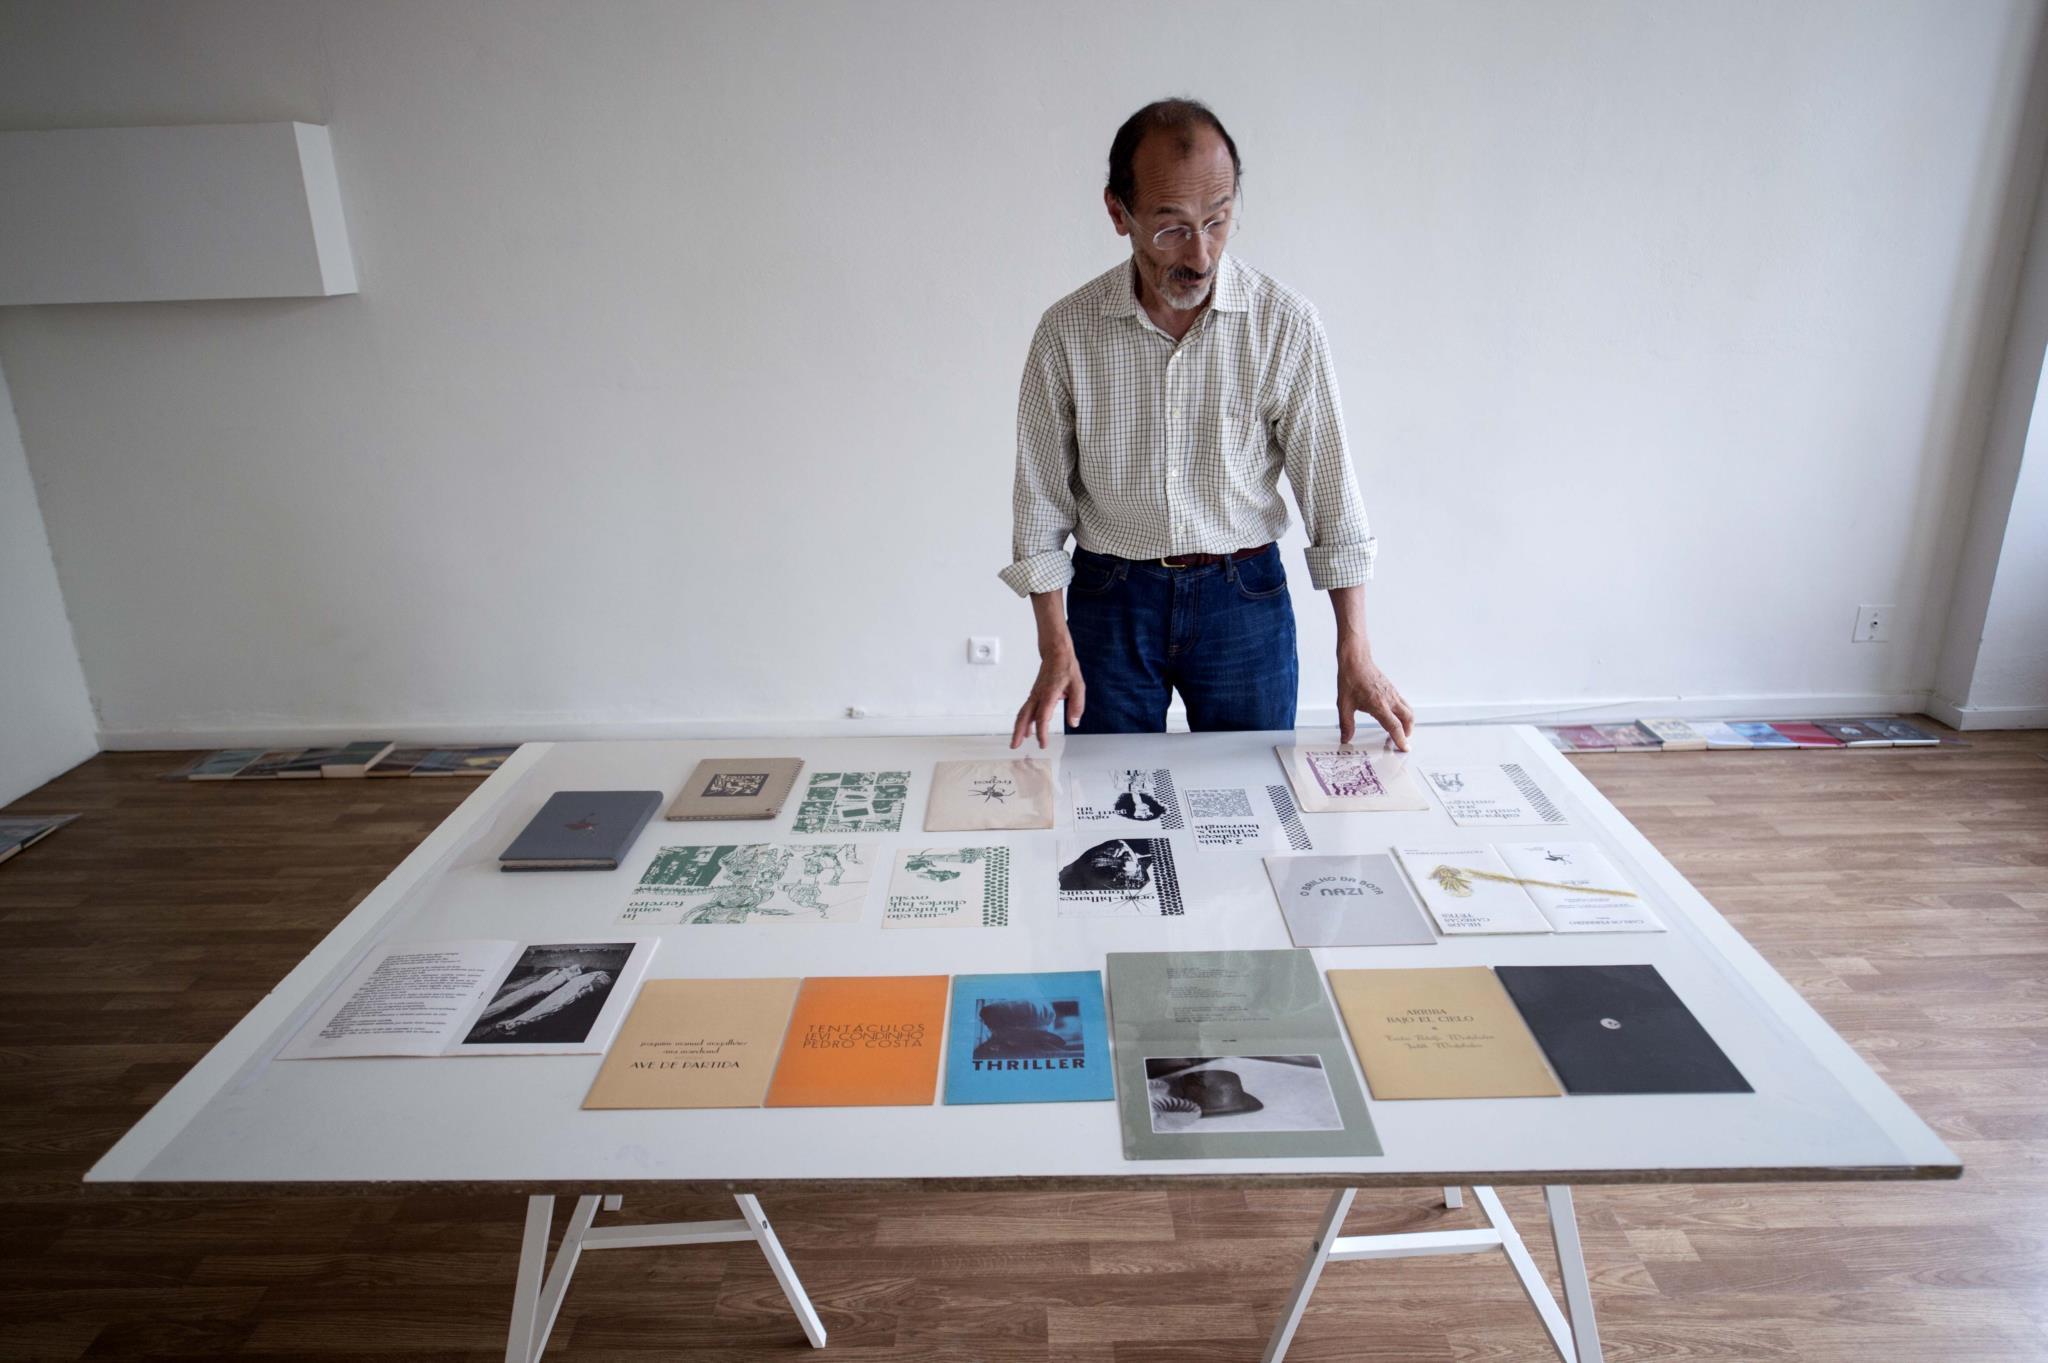 PÚBLICO - Frenesi: a arte de bem editar em 135 livros e algumas folhas soltas